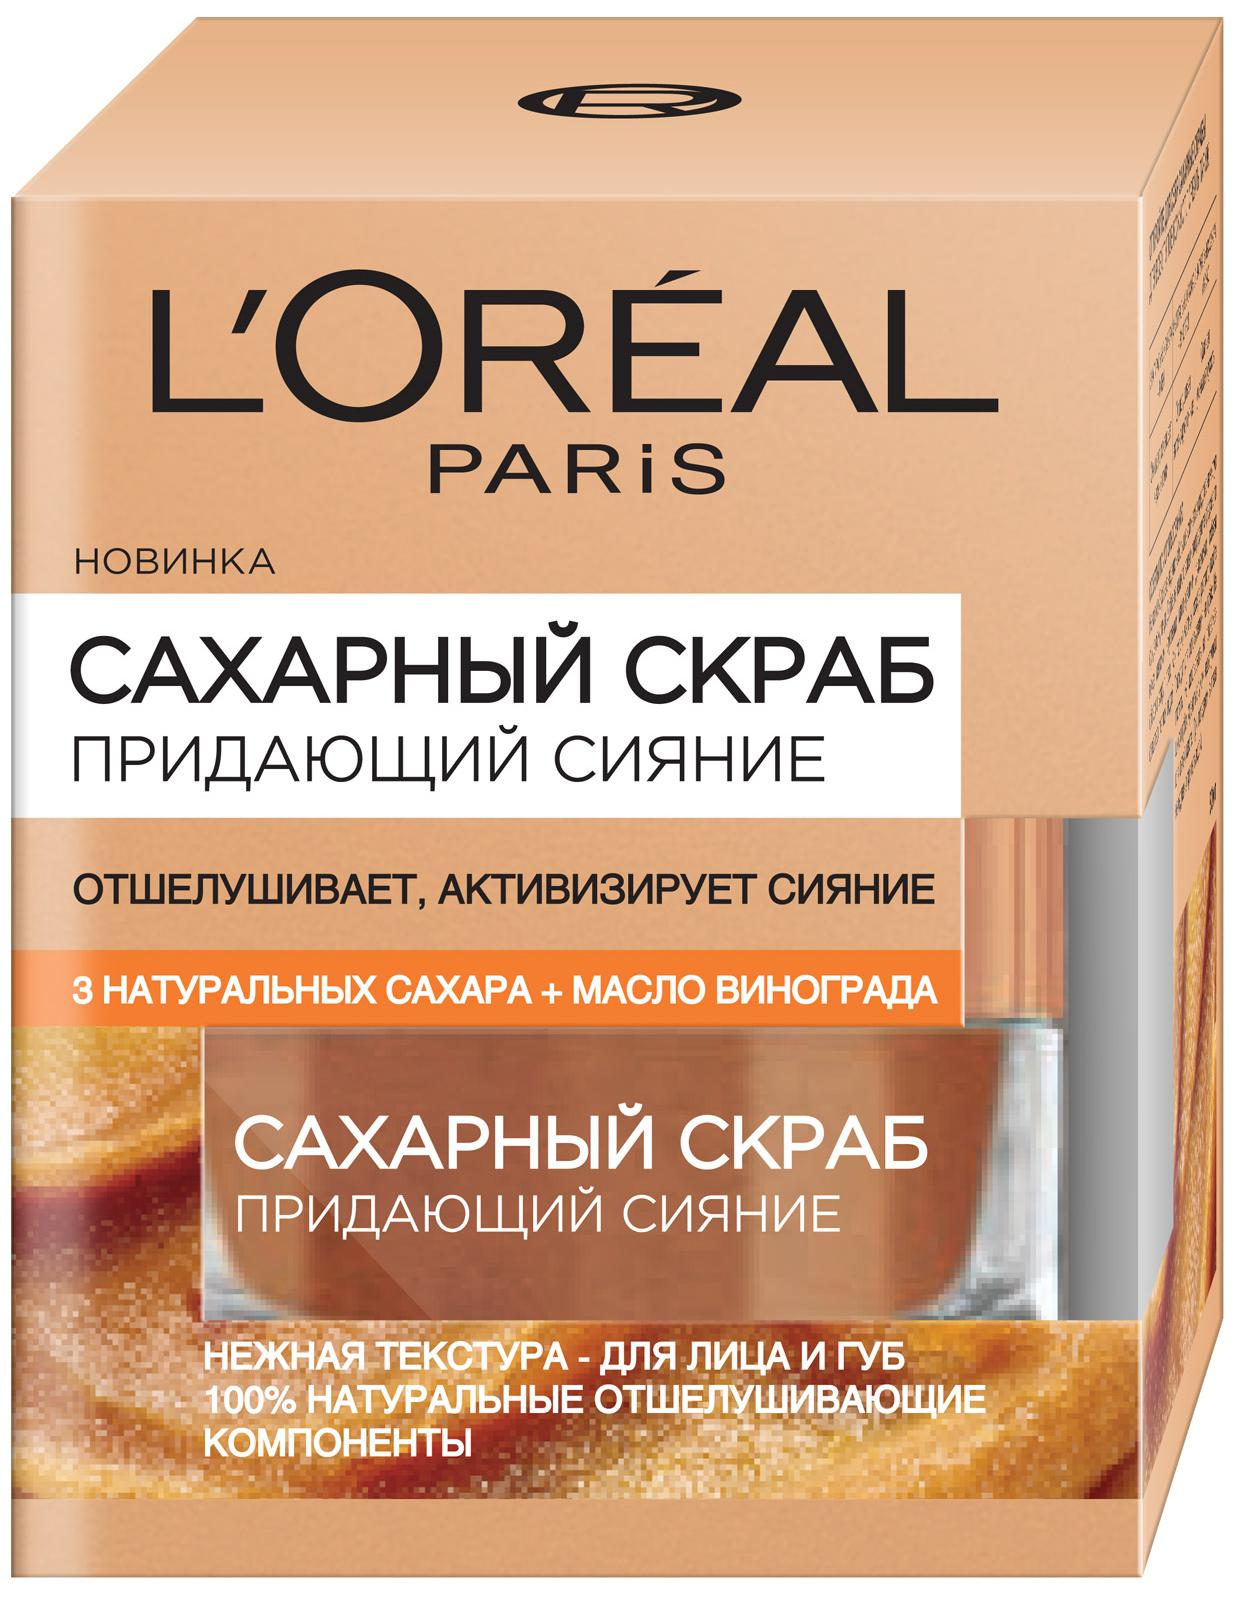 Скраб для лица L\'Oreal сахарный, отшелушивающий, 50 мл